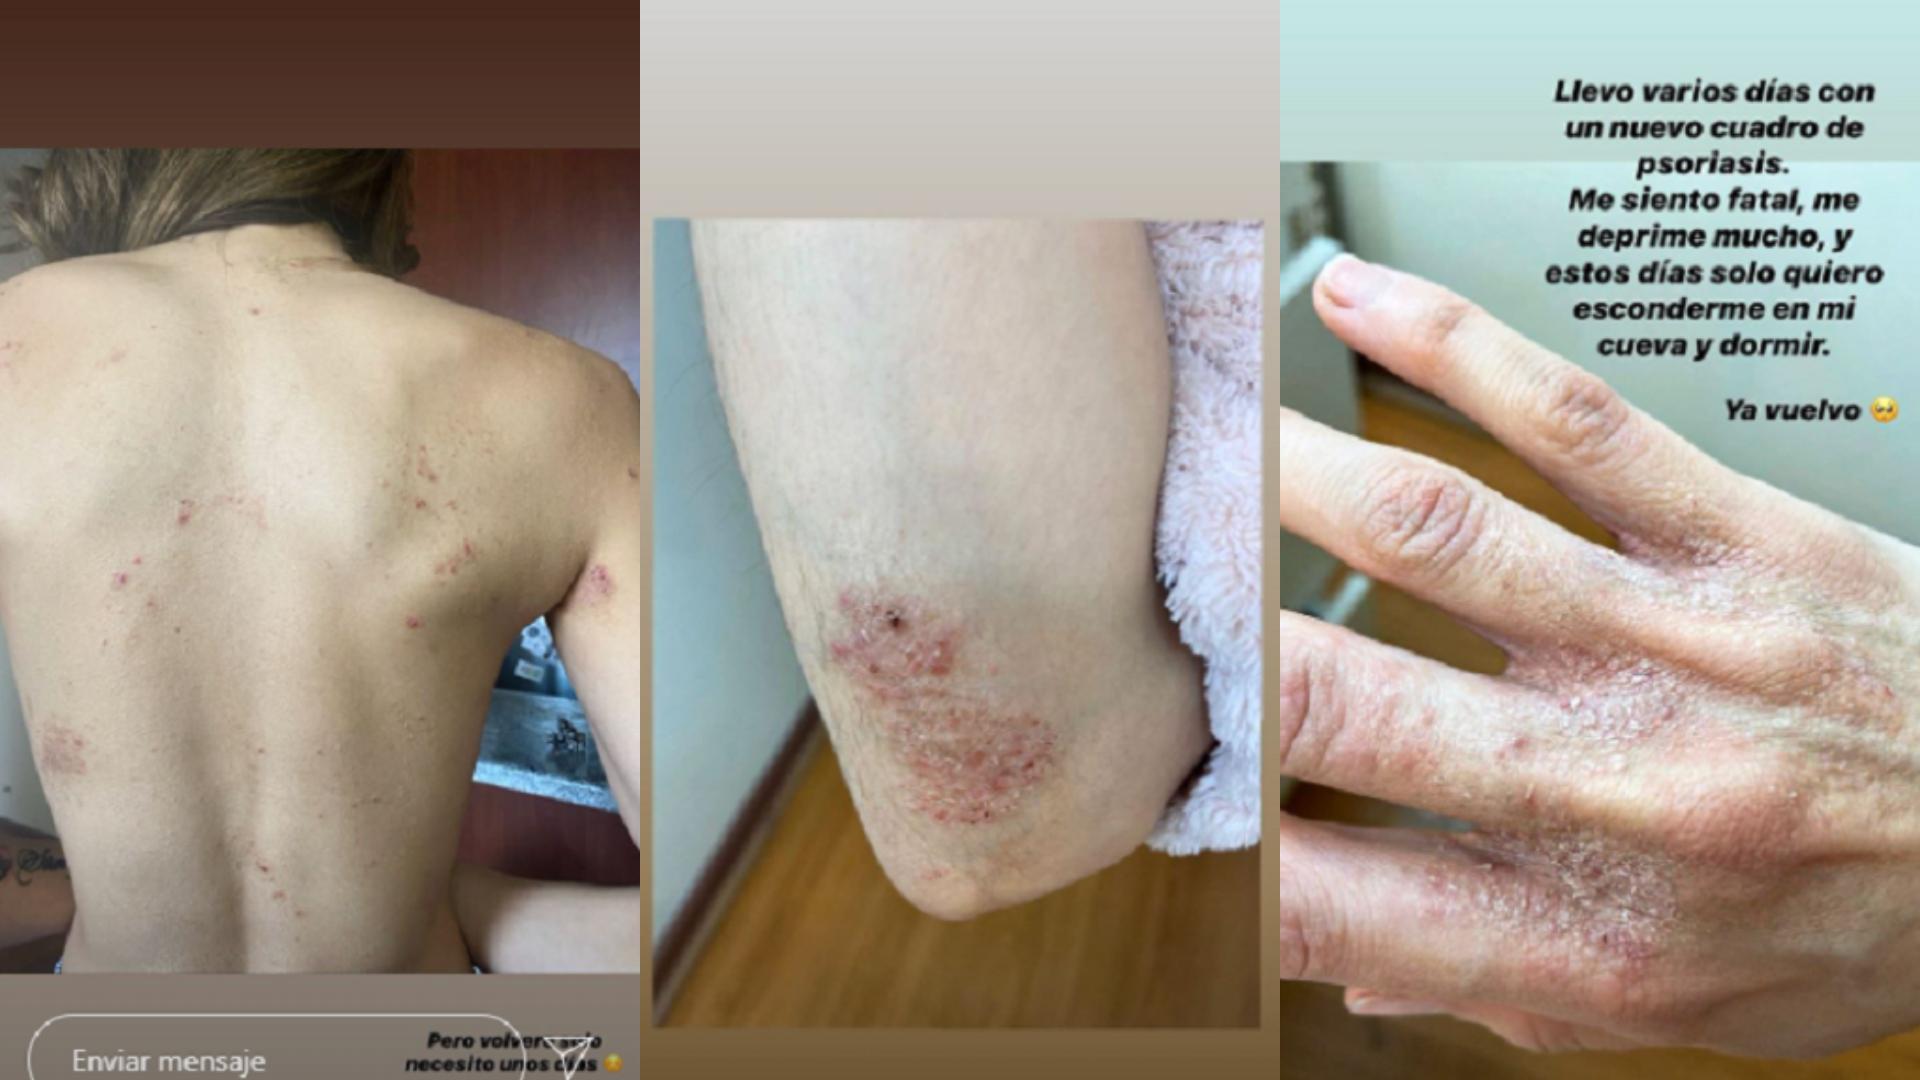 Silvina Varas con su cuadro de dermatitis (2020)